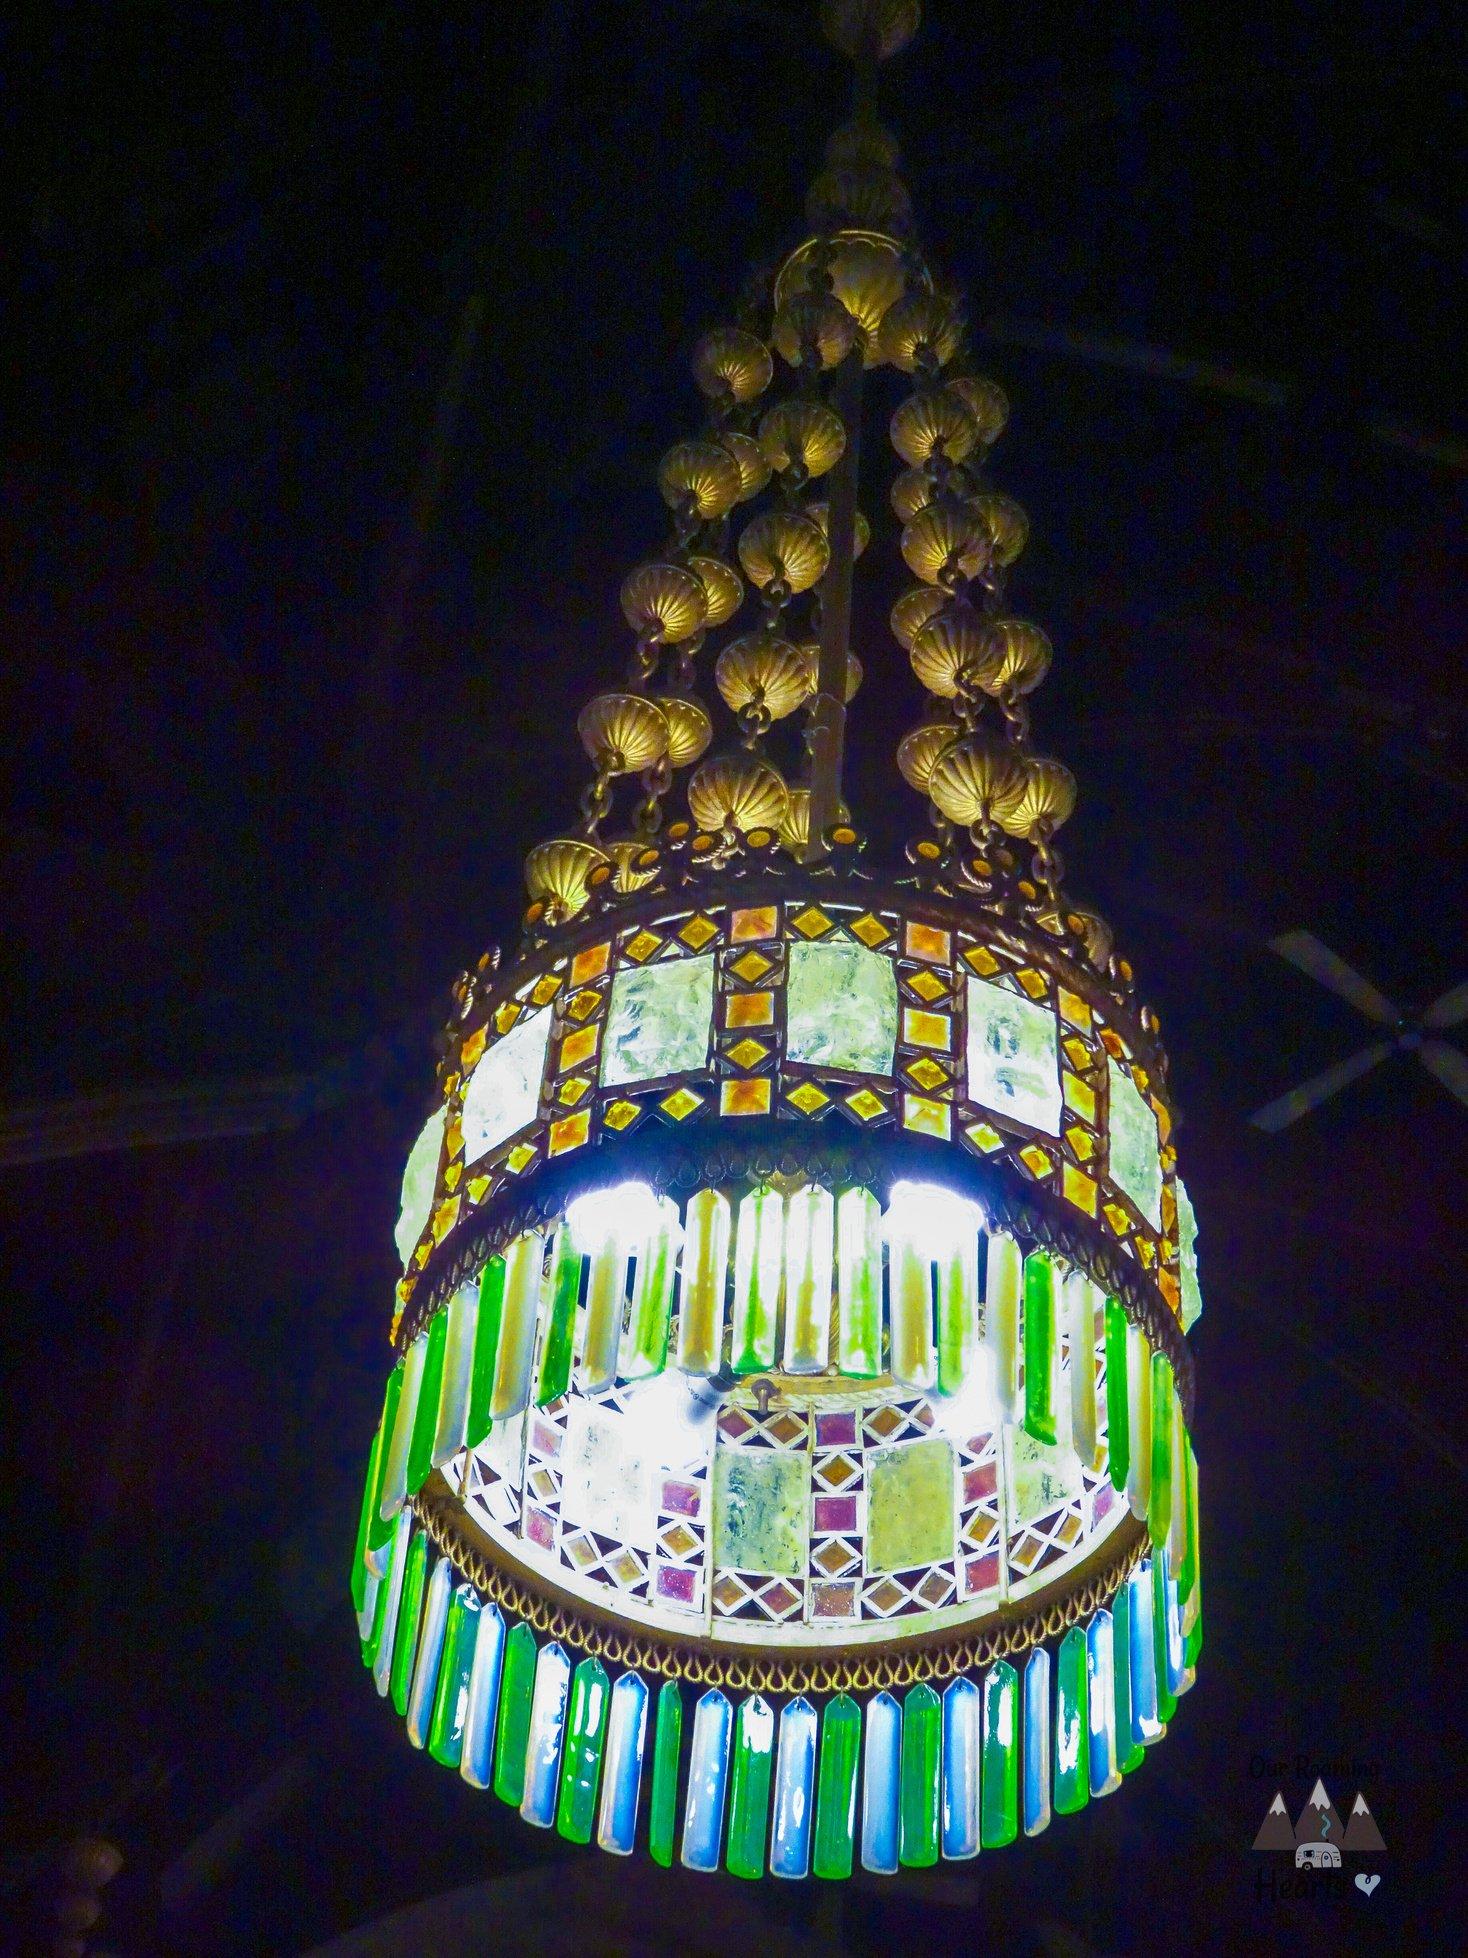 Willard Chapel in Auburn NY - The Tiffany Chapel